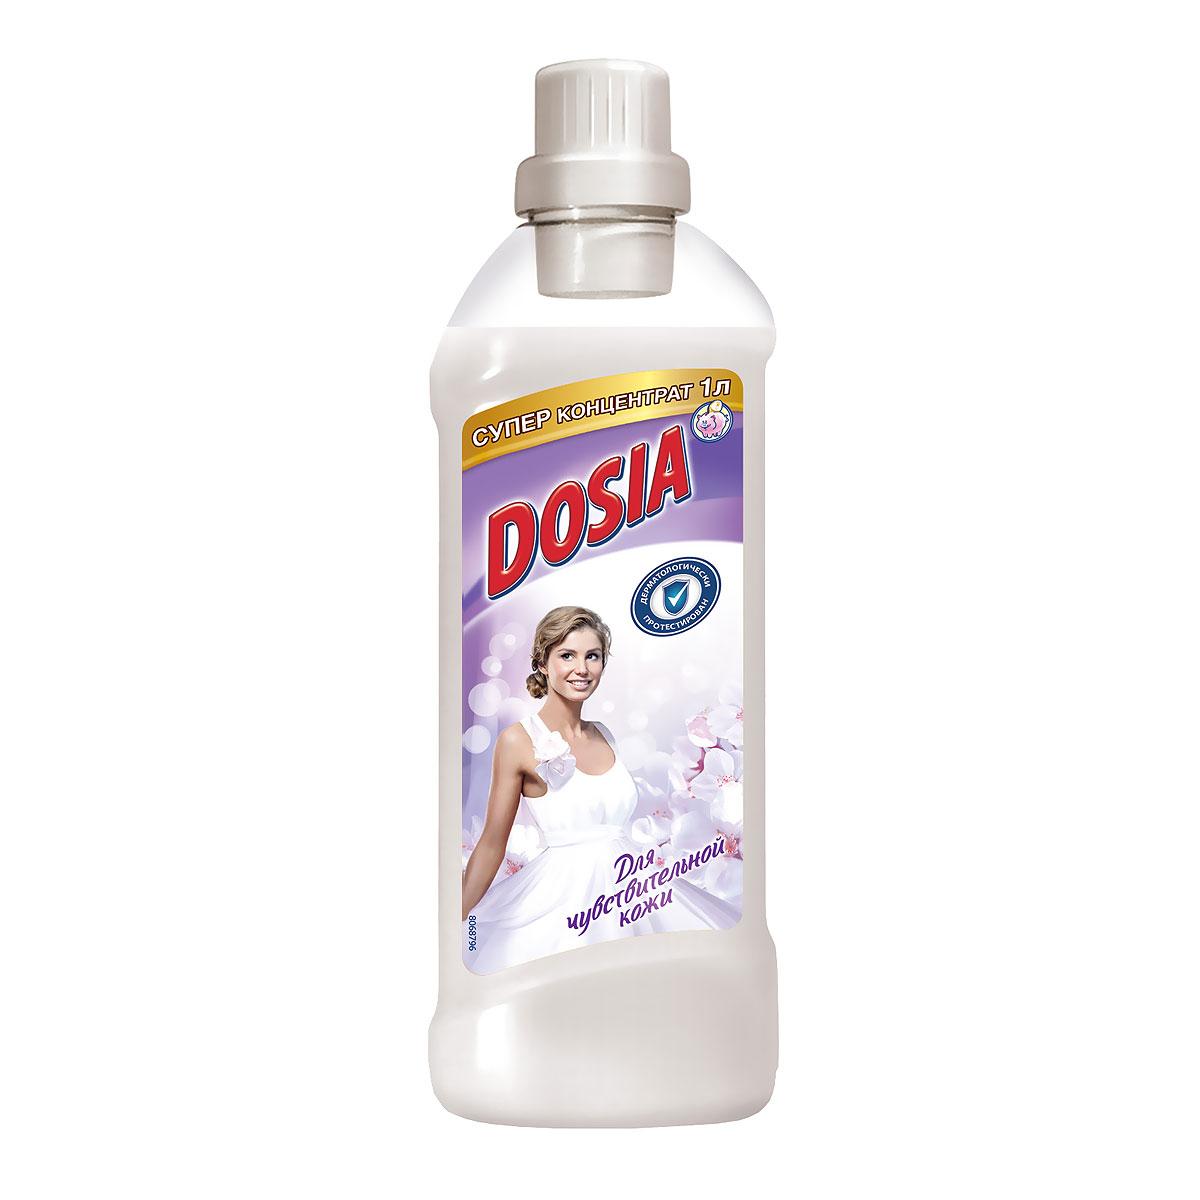 Ополаскиватель для белья Dosia, для чувствительной кожи, концентрированный, 1 л7503926Концентрированный ополаскиватель для белья Dosia идеально подходит для всех типов тканей. Он придает белью мягкость и свежий аромат. Обладает антистатическим свойством, облегчает глажение. Ополаскиватель отлично подойдет для использования людям с чувствительной кожей.